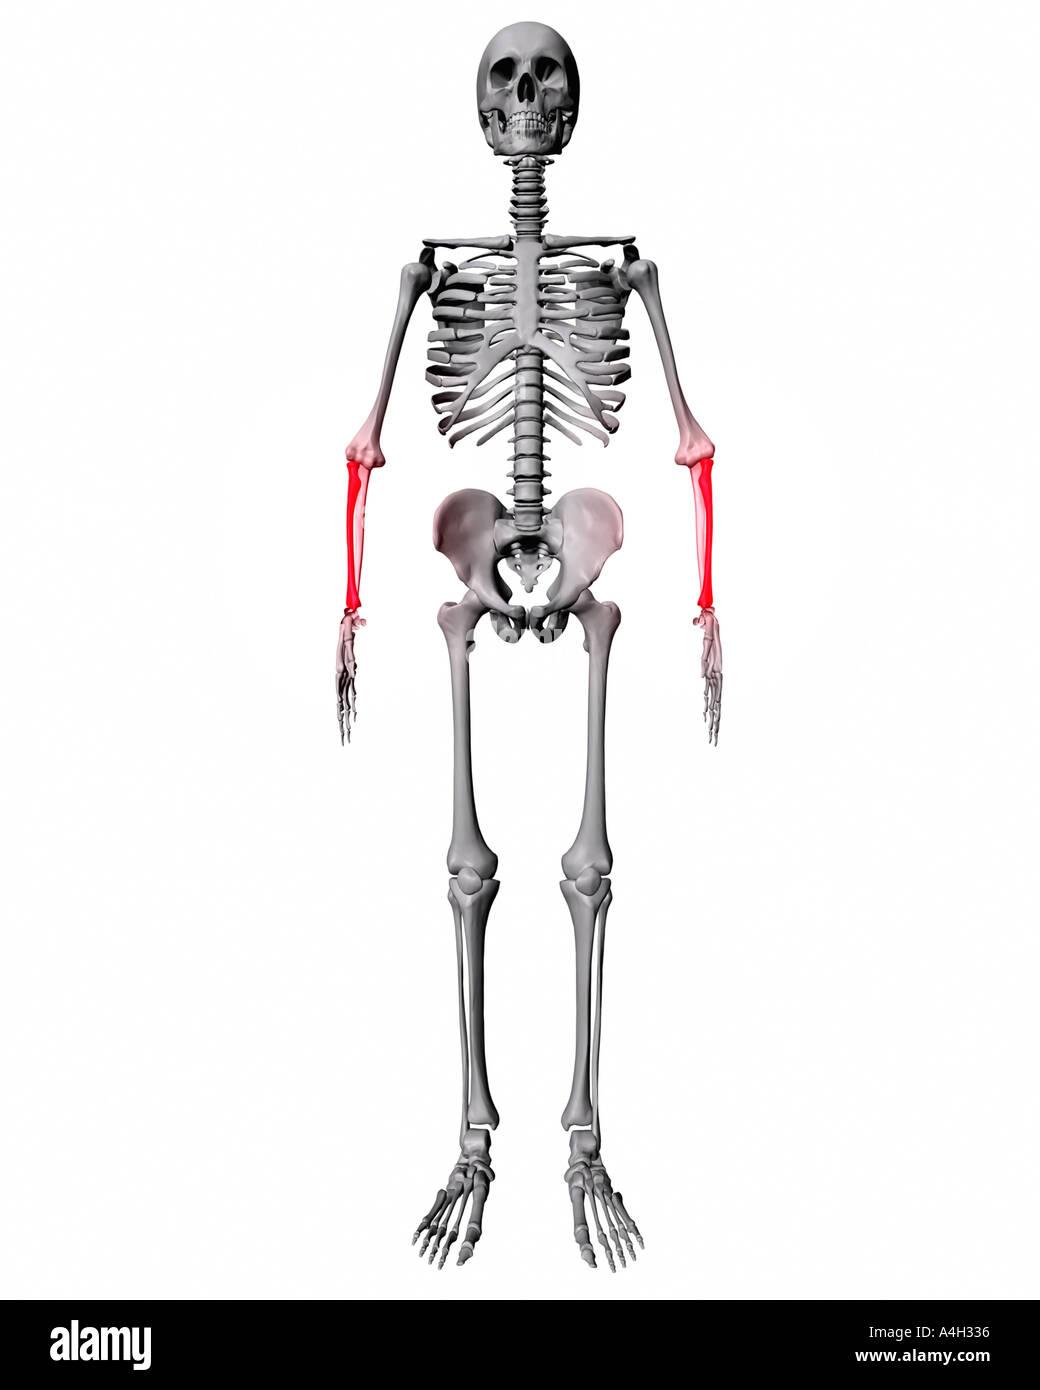 Fein Skelett Markierten Knochen Galerie - Menschliche Anatomie ...